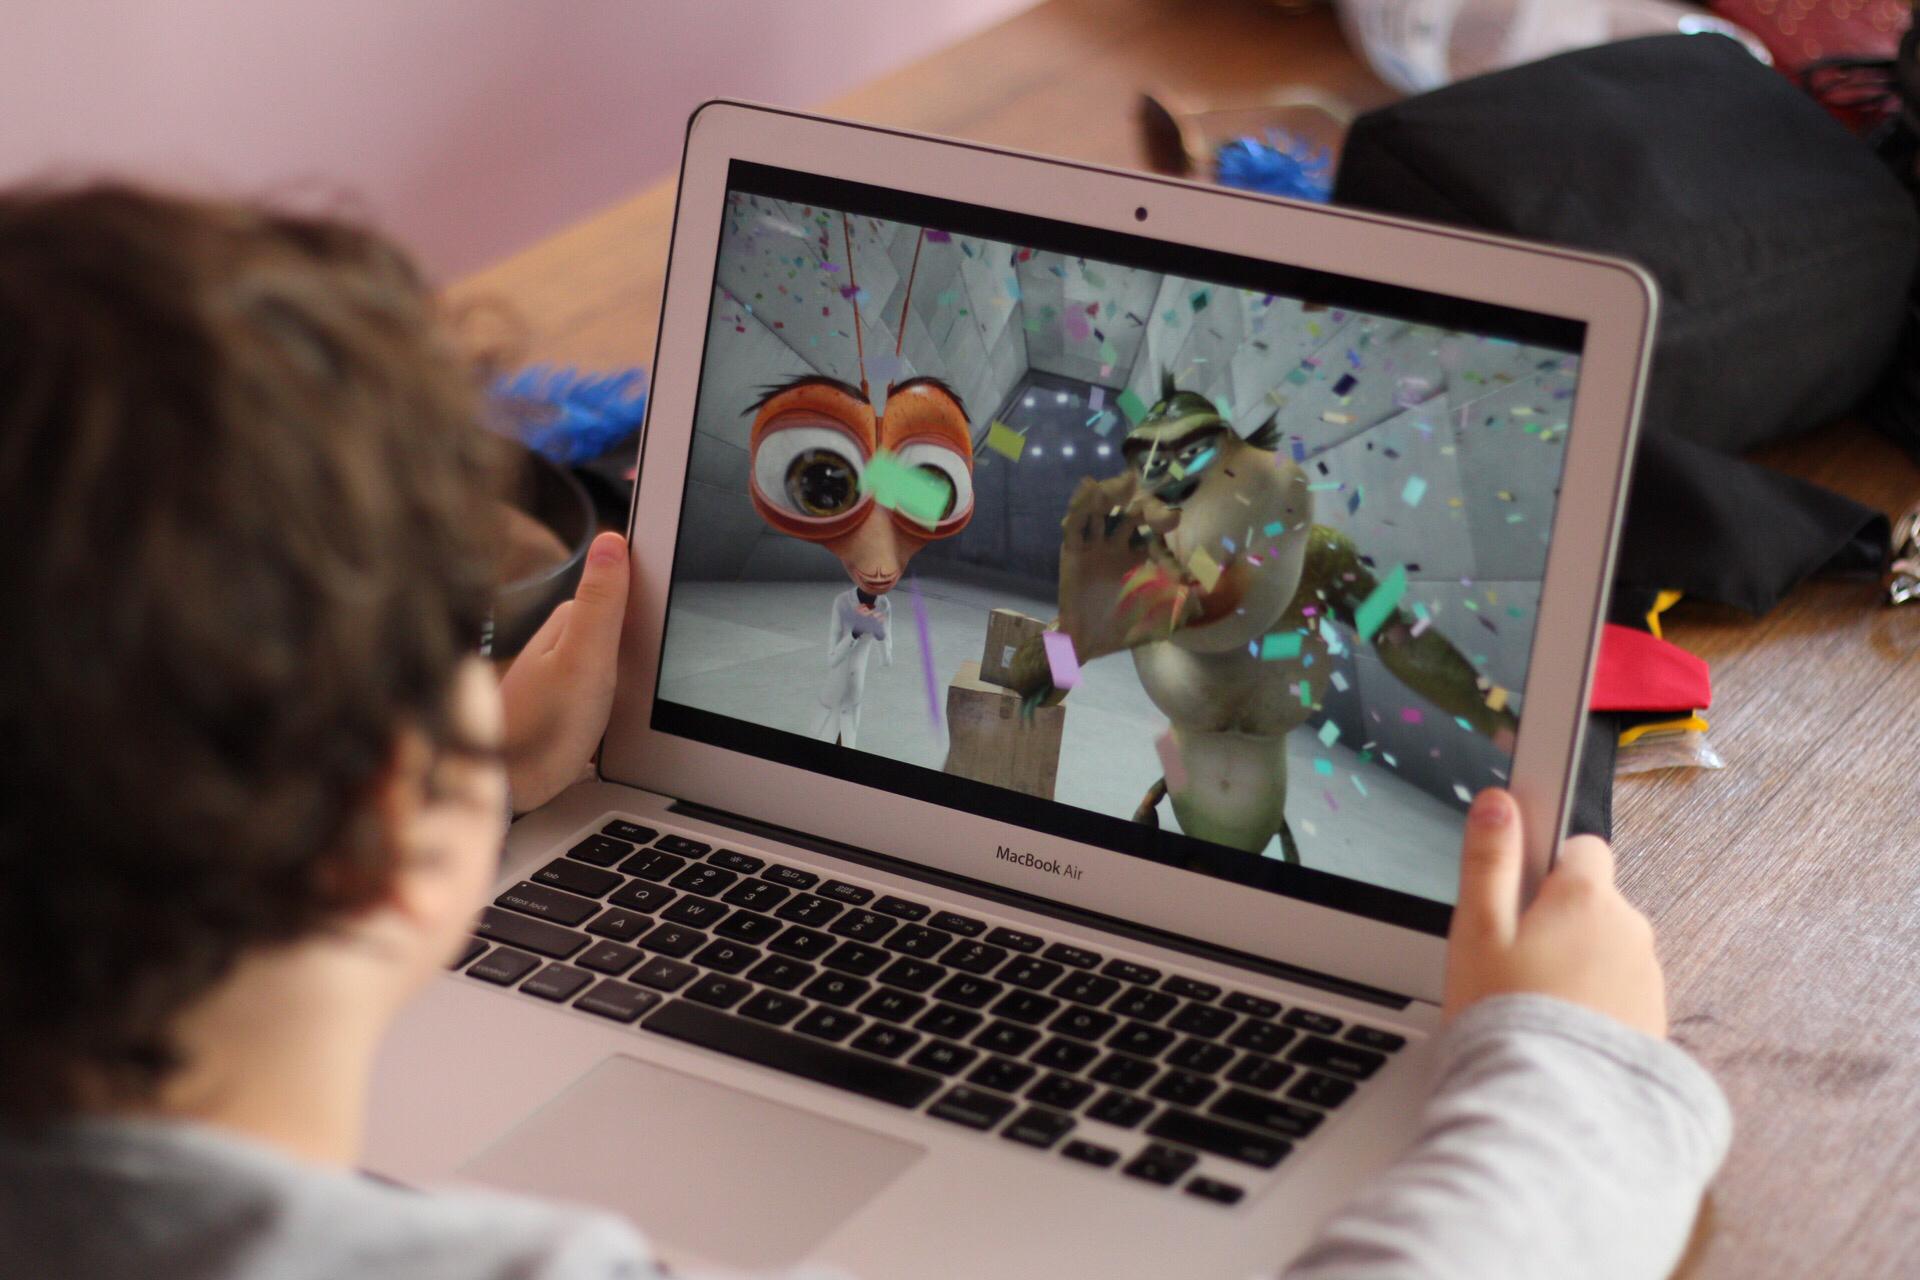 Crianças na Internet e Redes Sociais: Recomendações